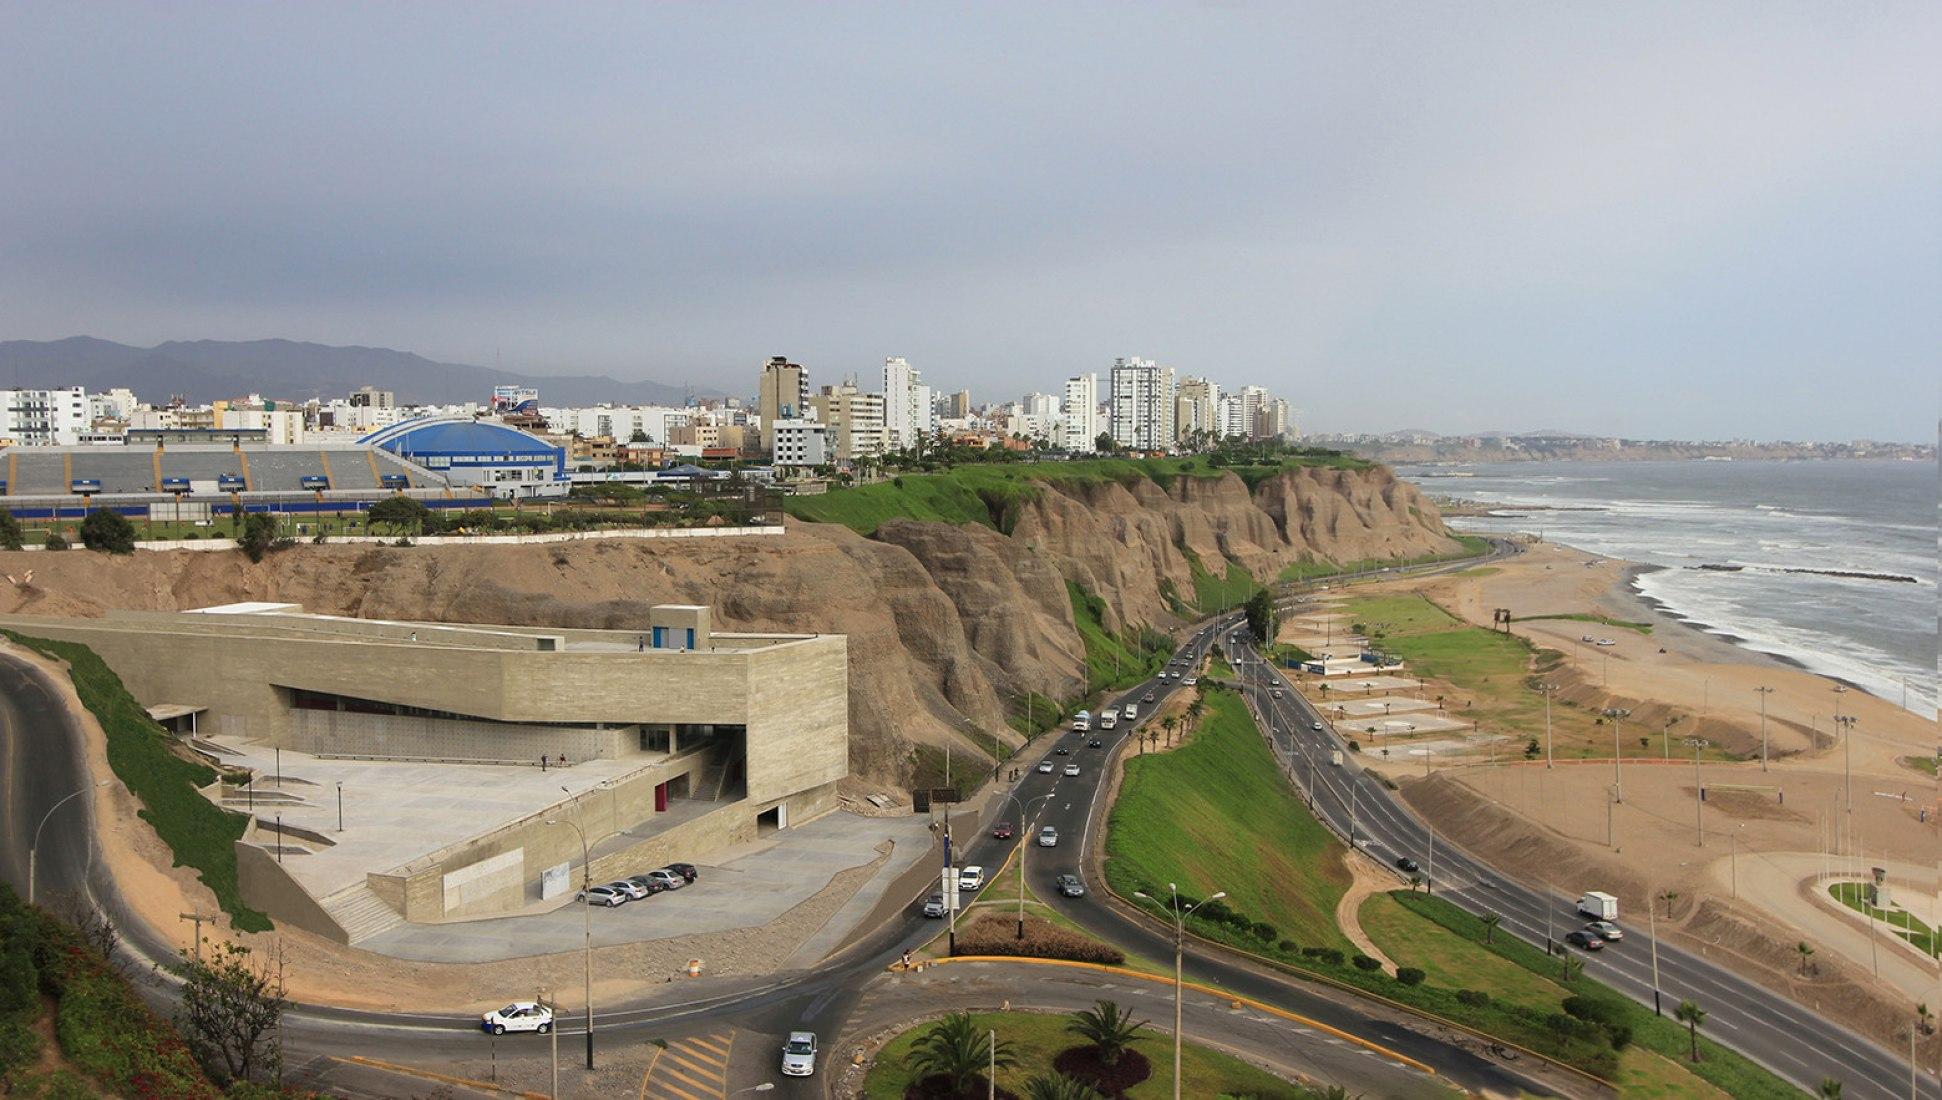 PROYECTO GANADOR. El lugar para la Memoria, por Estudio Lima SAC Barclay & Crousse, Peru. Fotografía © Cristobal Palma / Estudio Palma